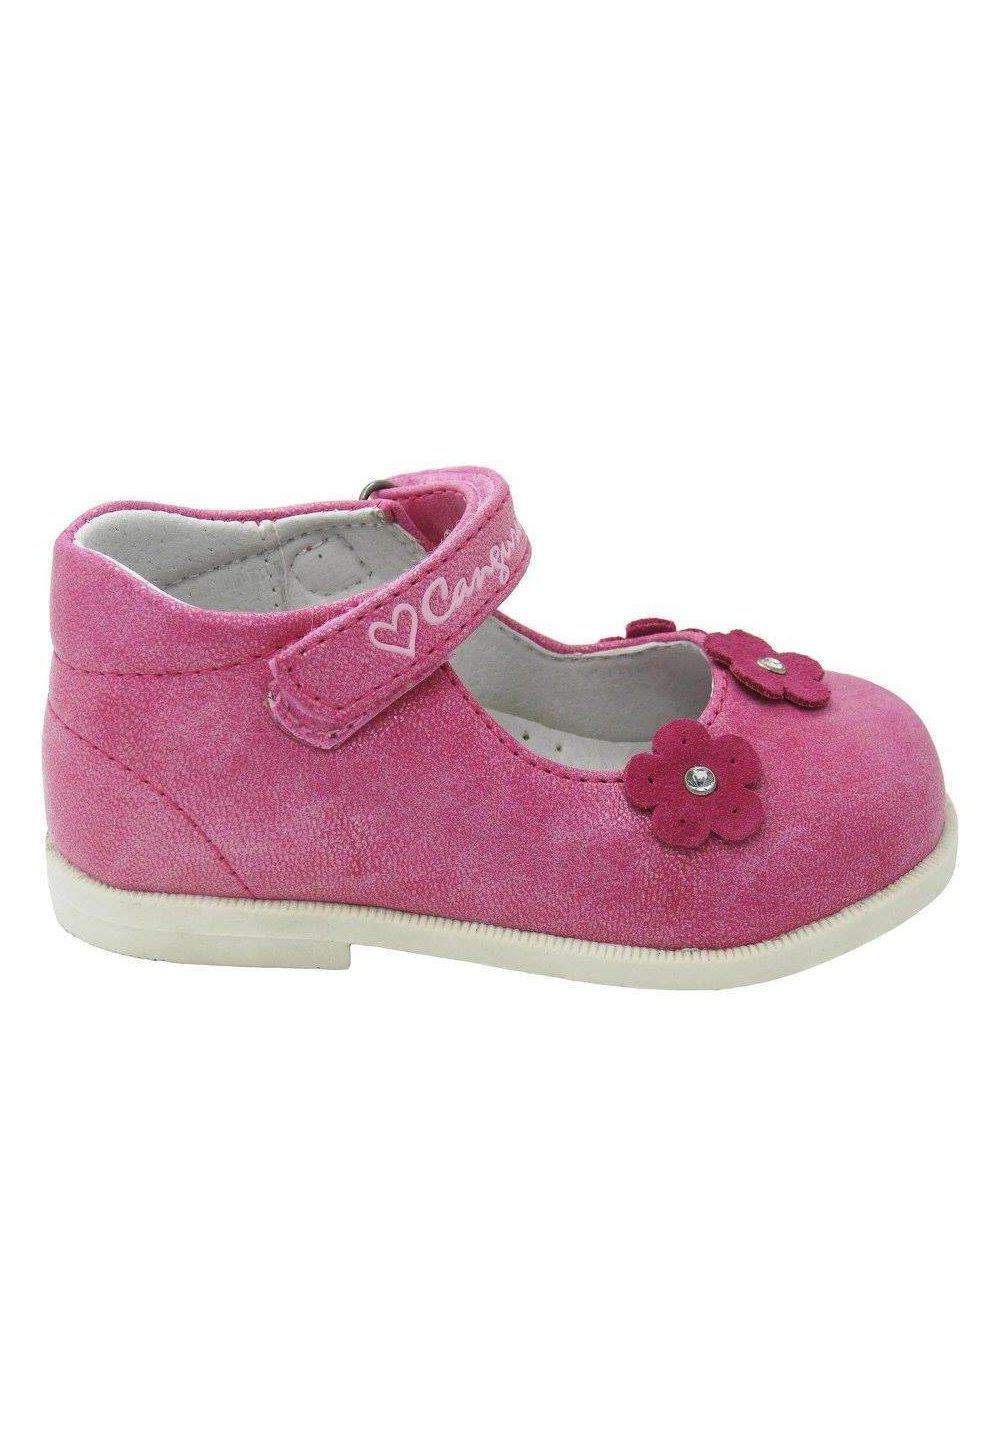 Pantofi fete, roz cu floricele imagine